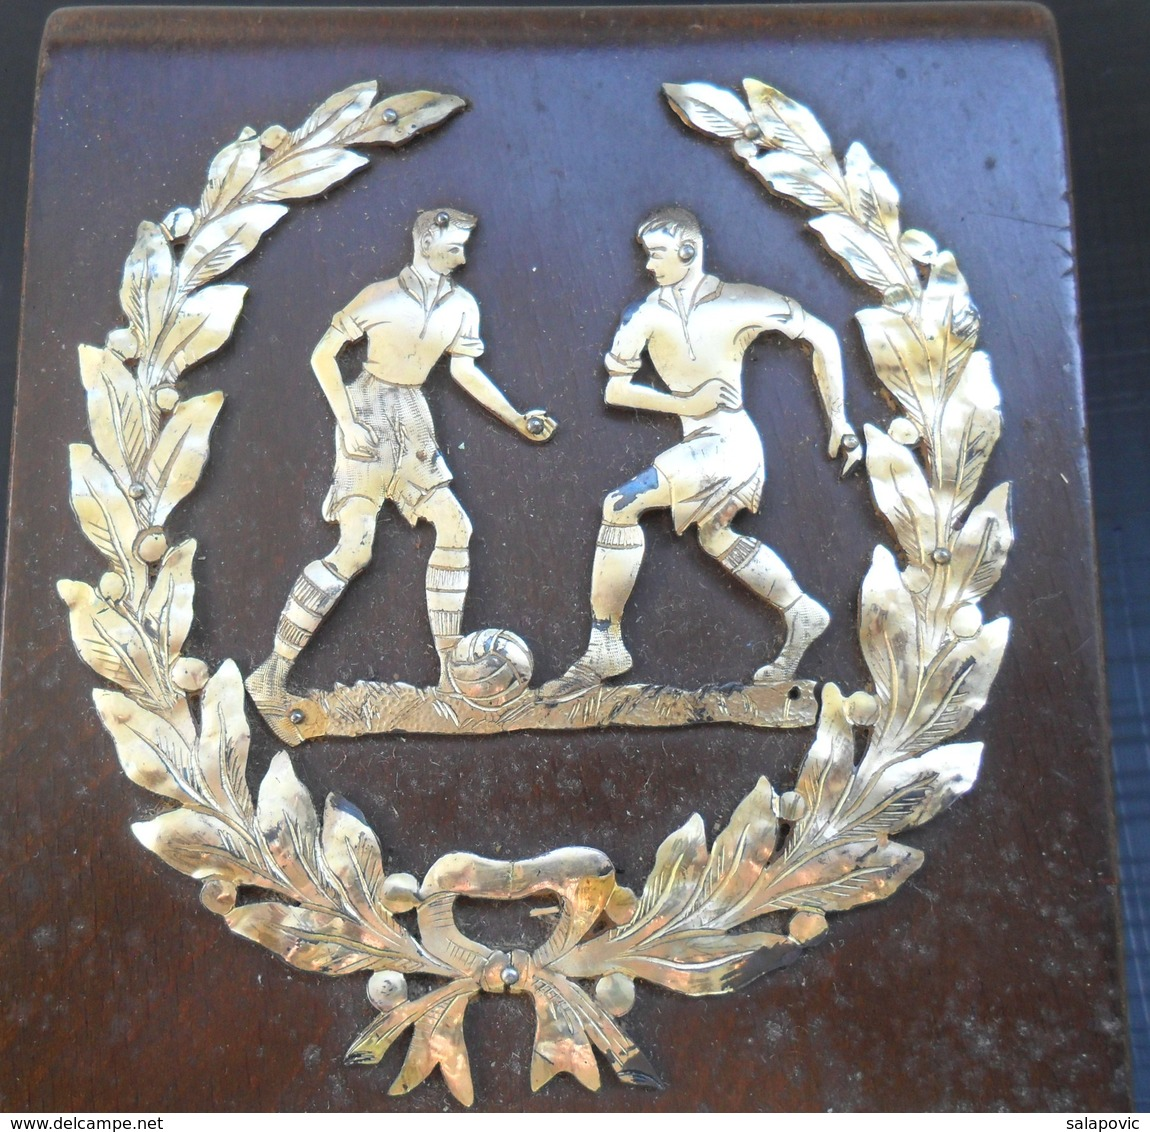 PLAQUE FOOTBALL SD GRAFICAR OSIJEK 1953 - Deportes